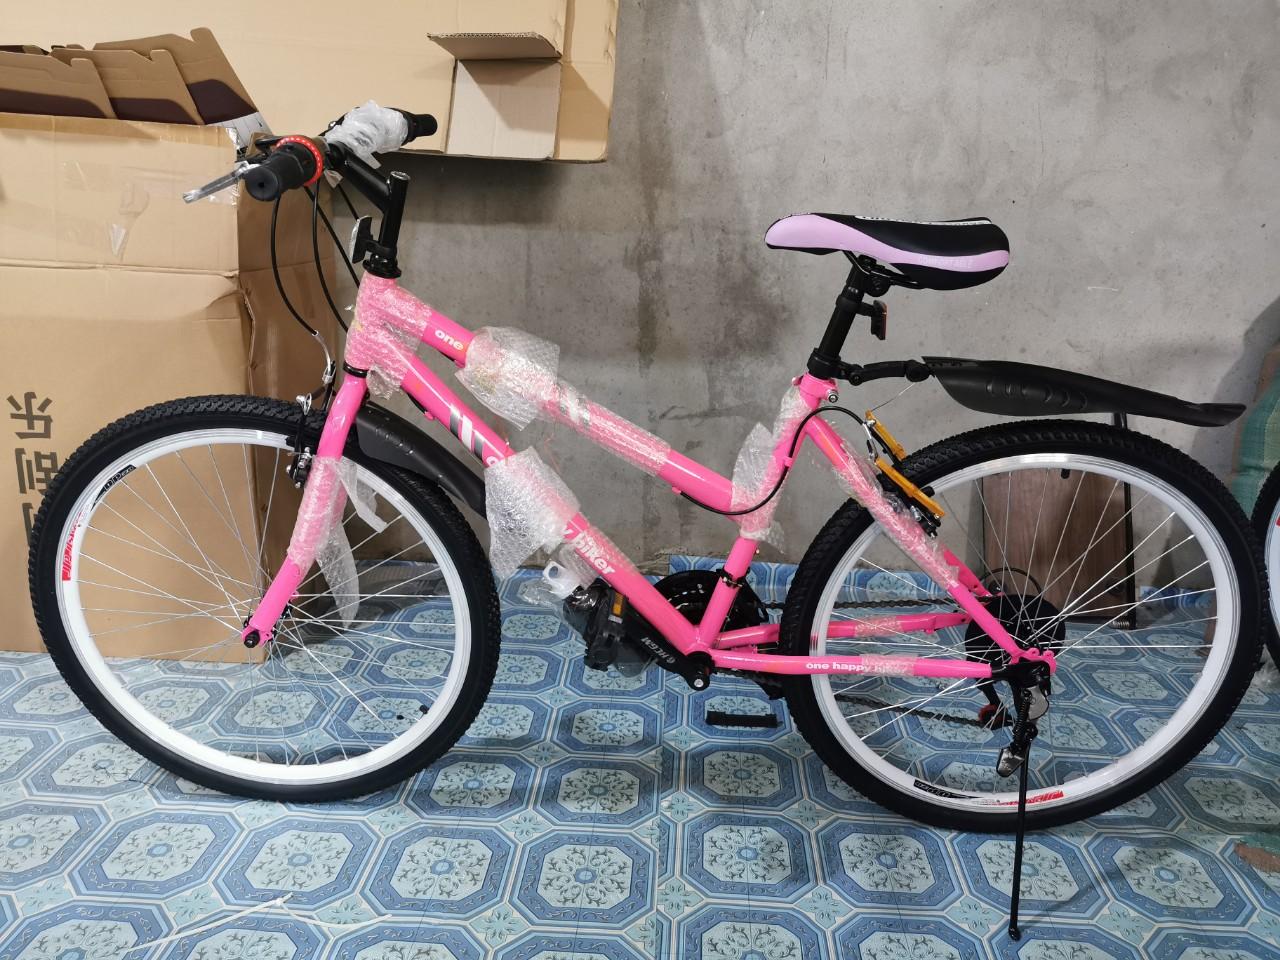 Mua Xe đạp thể thao 26in Hahoo-Tặng bình nước